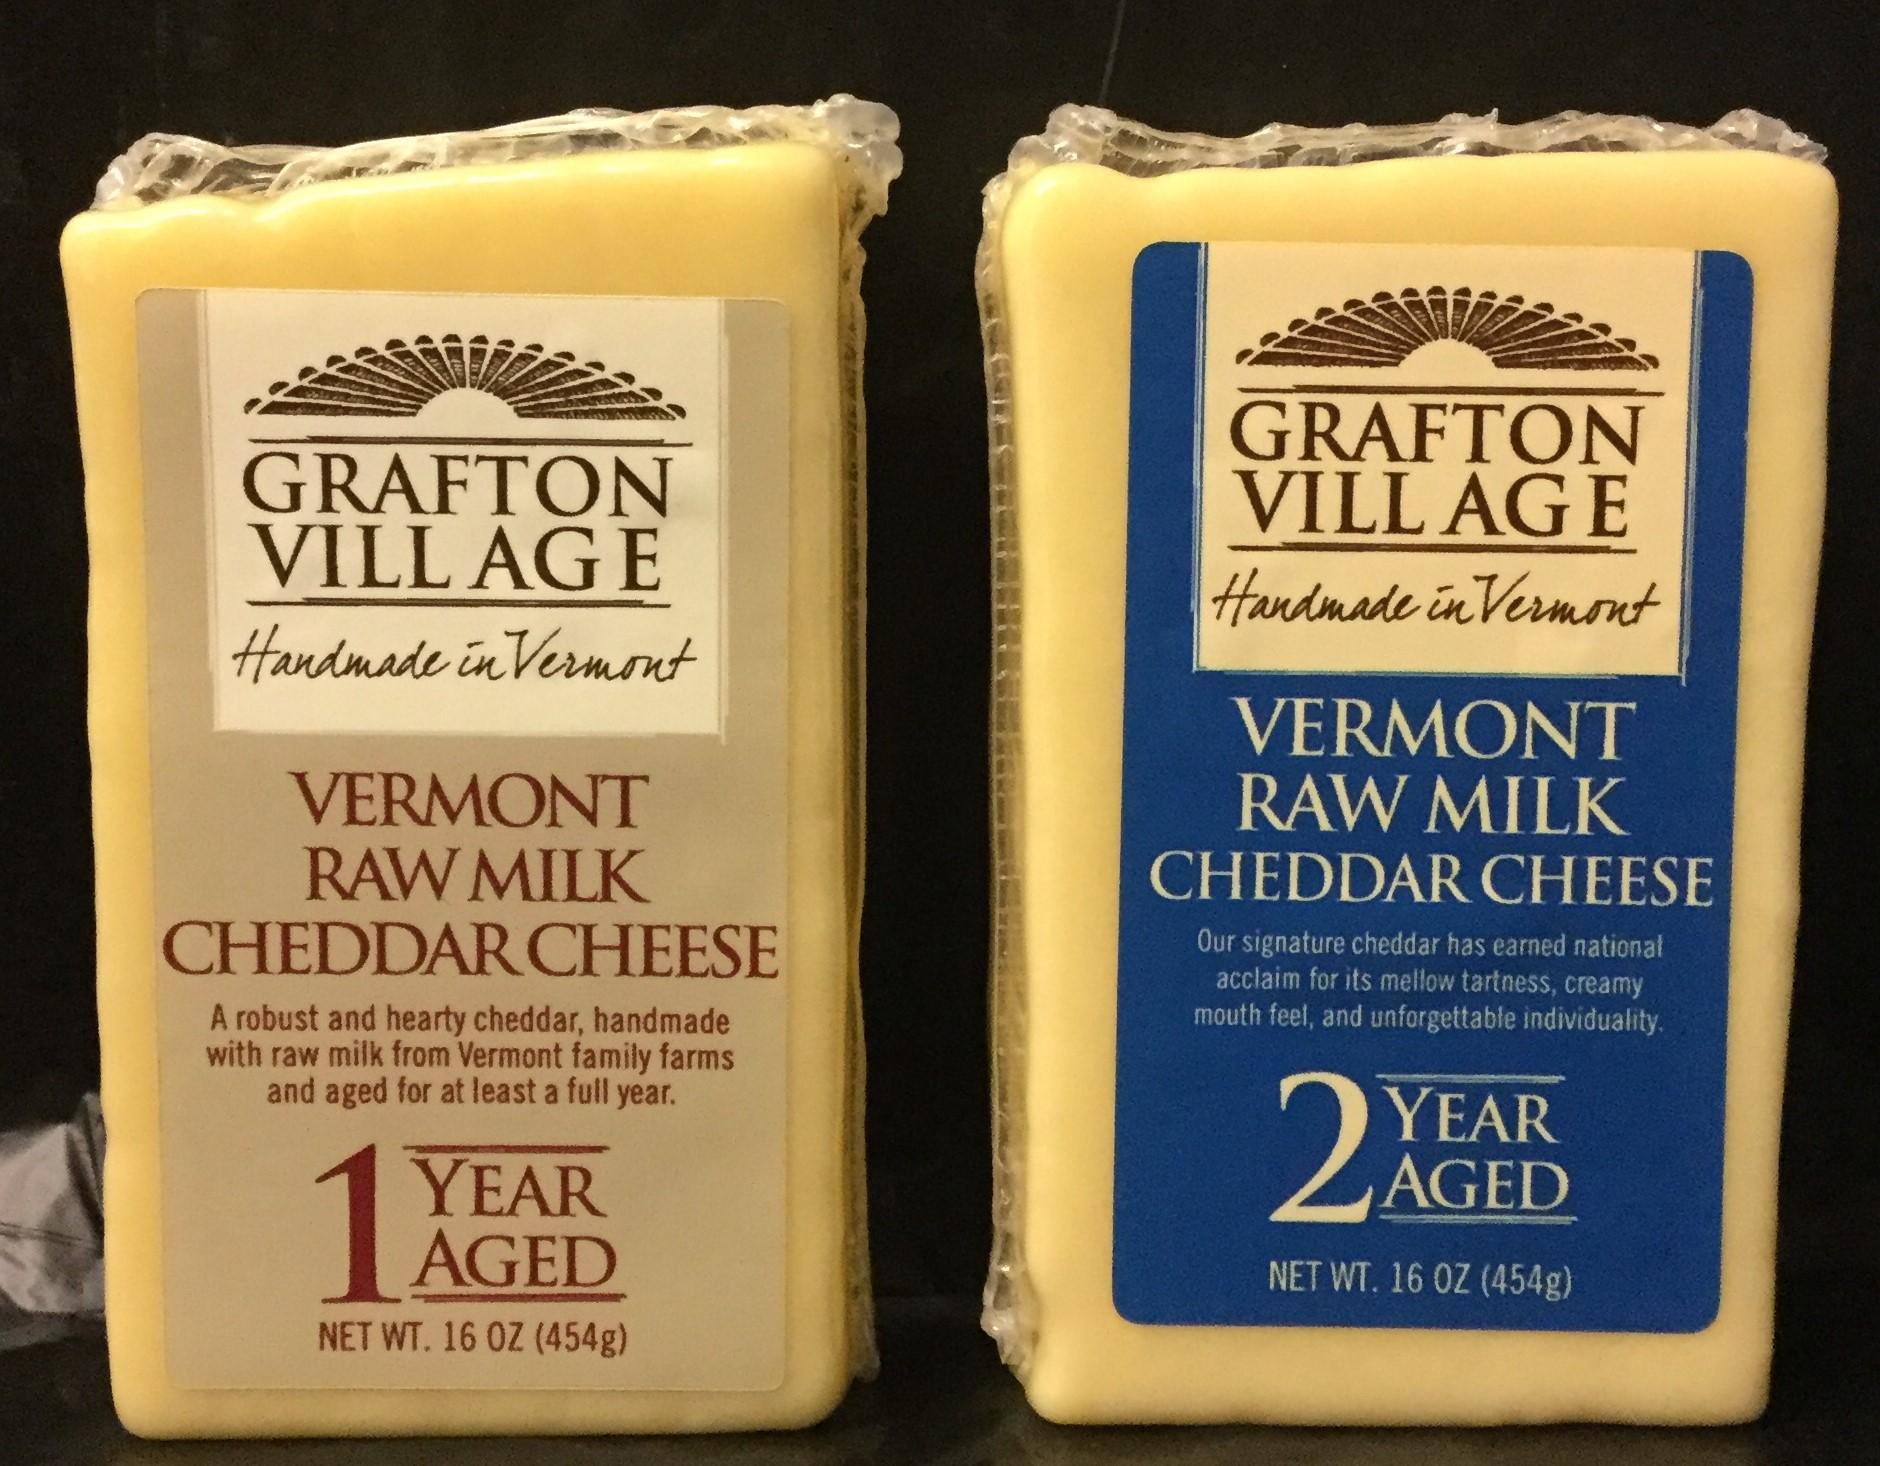 Grafton Village Vermont Raw Milk Cheddar Cheese